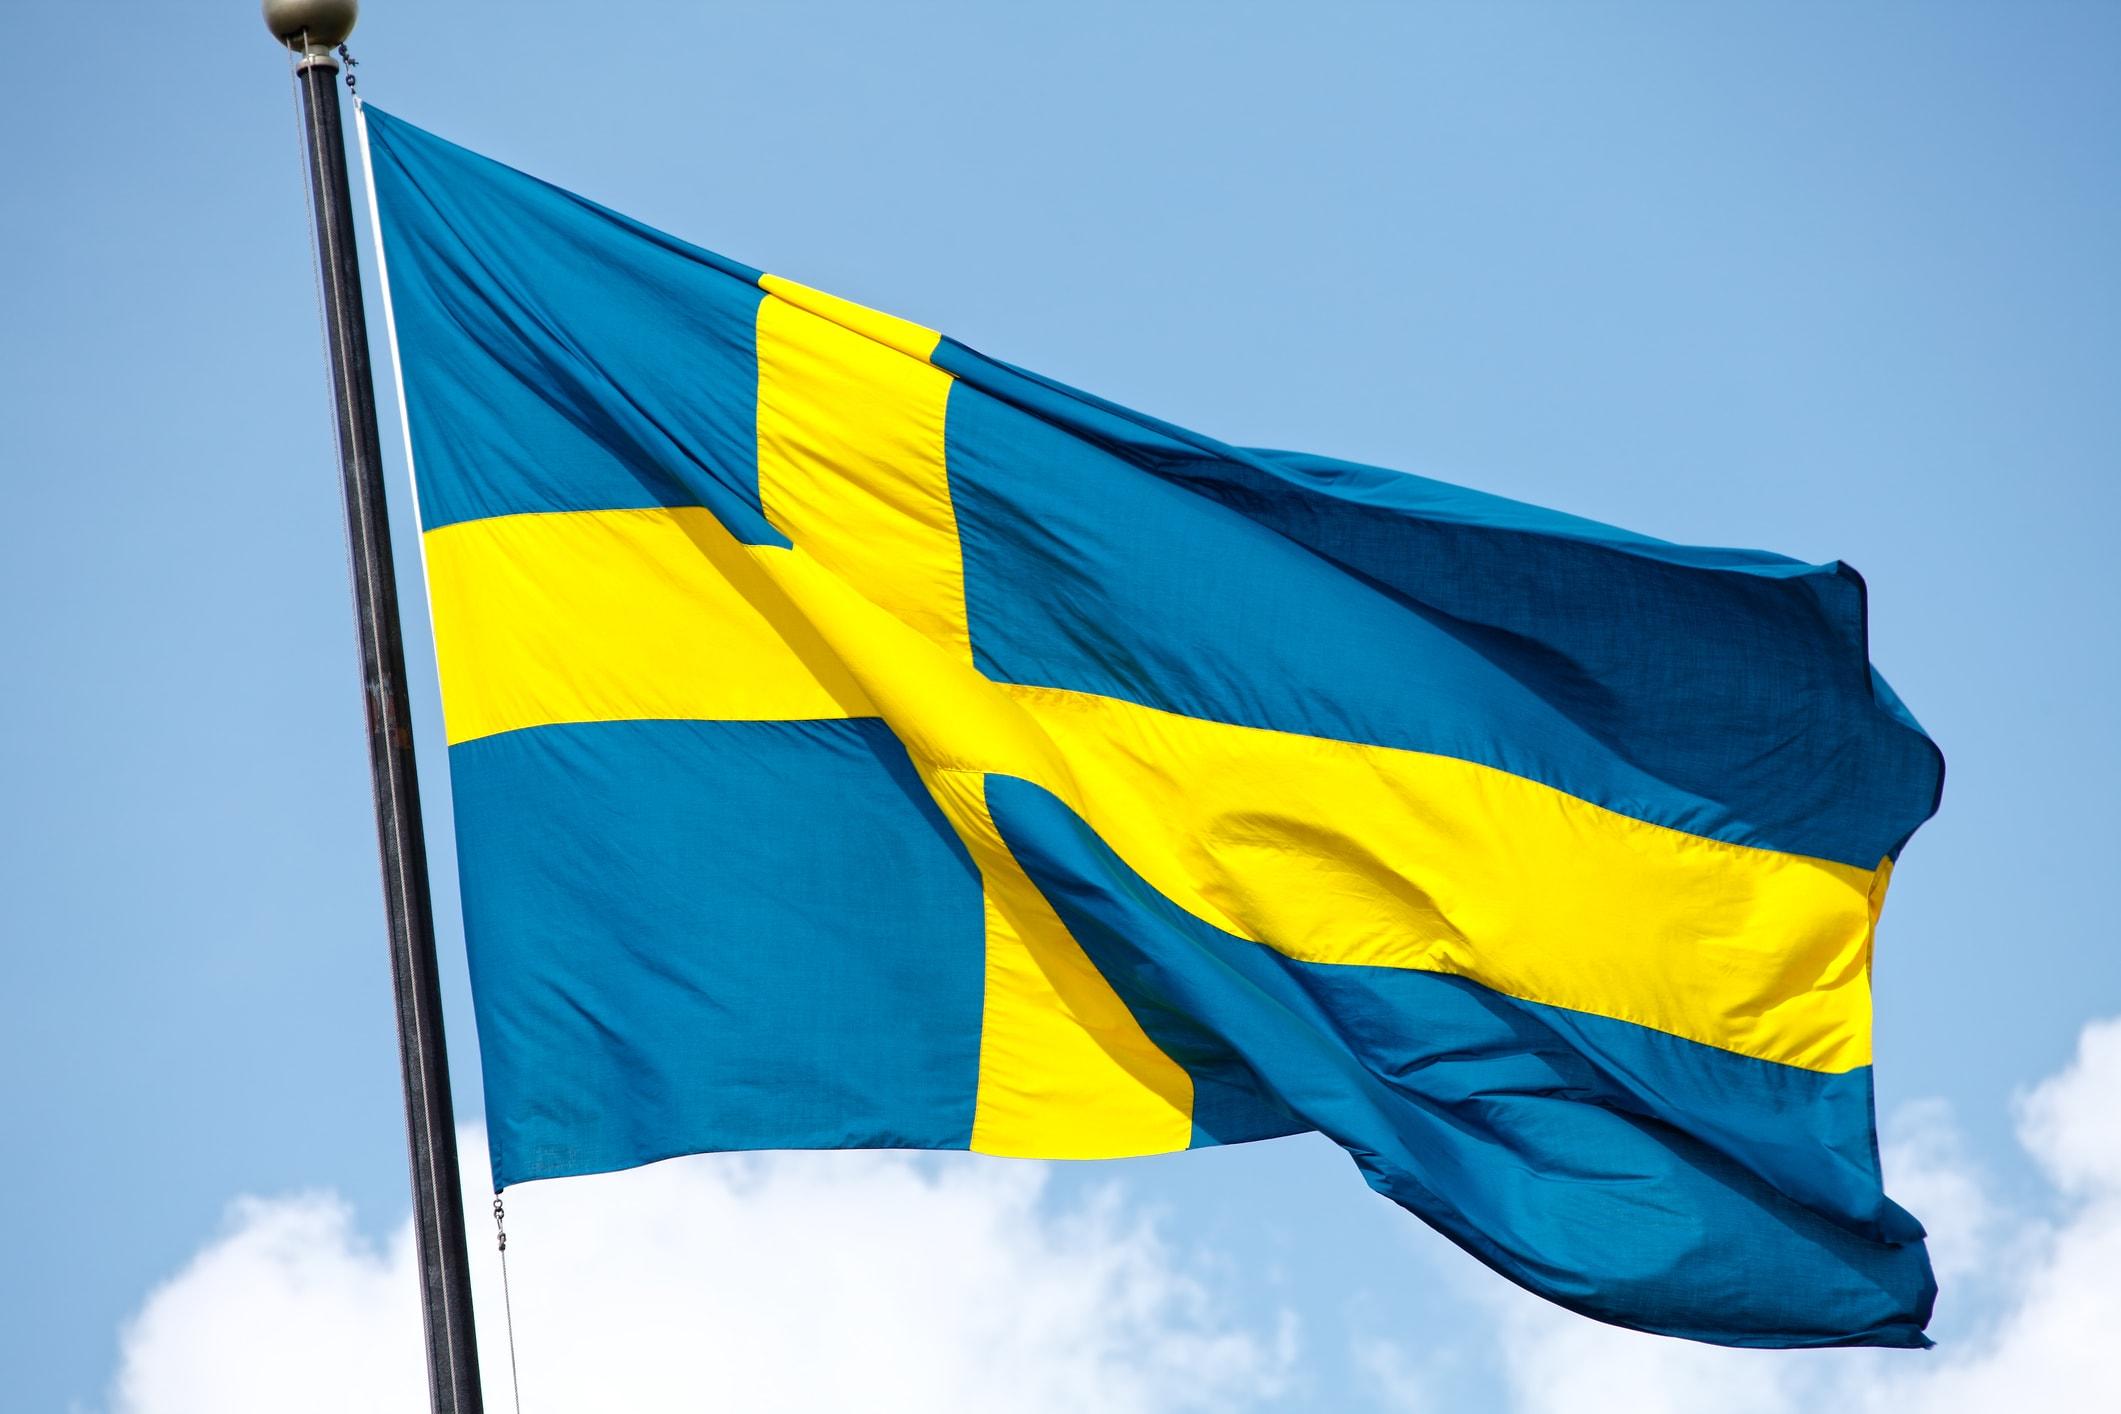 Svezia: il Governo ha adottato Bitcoin come moneta ufficiale